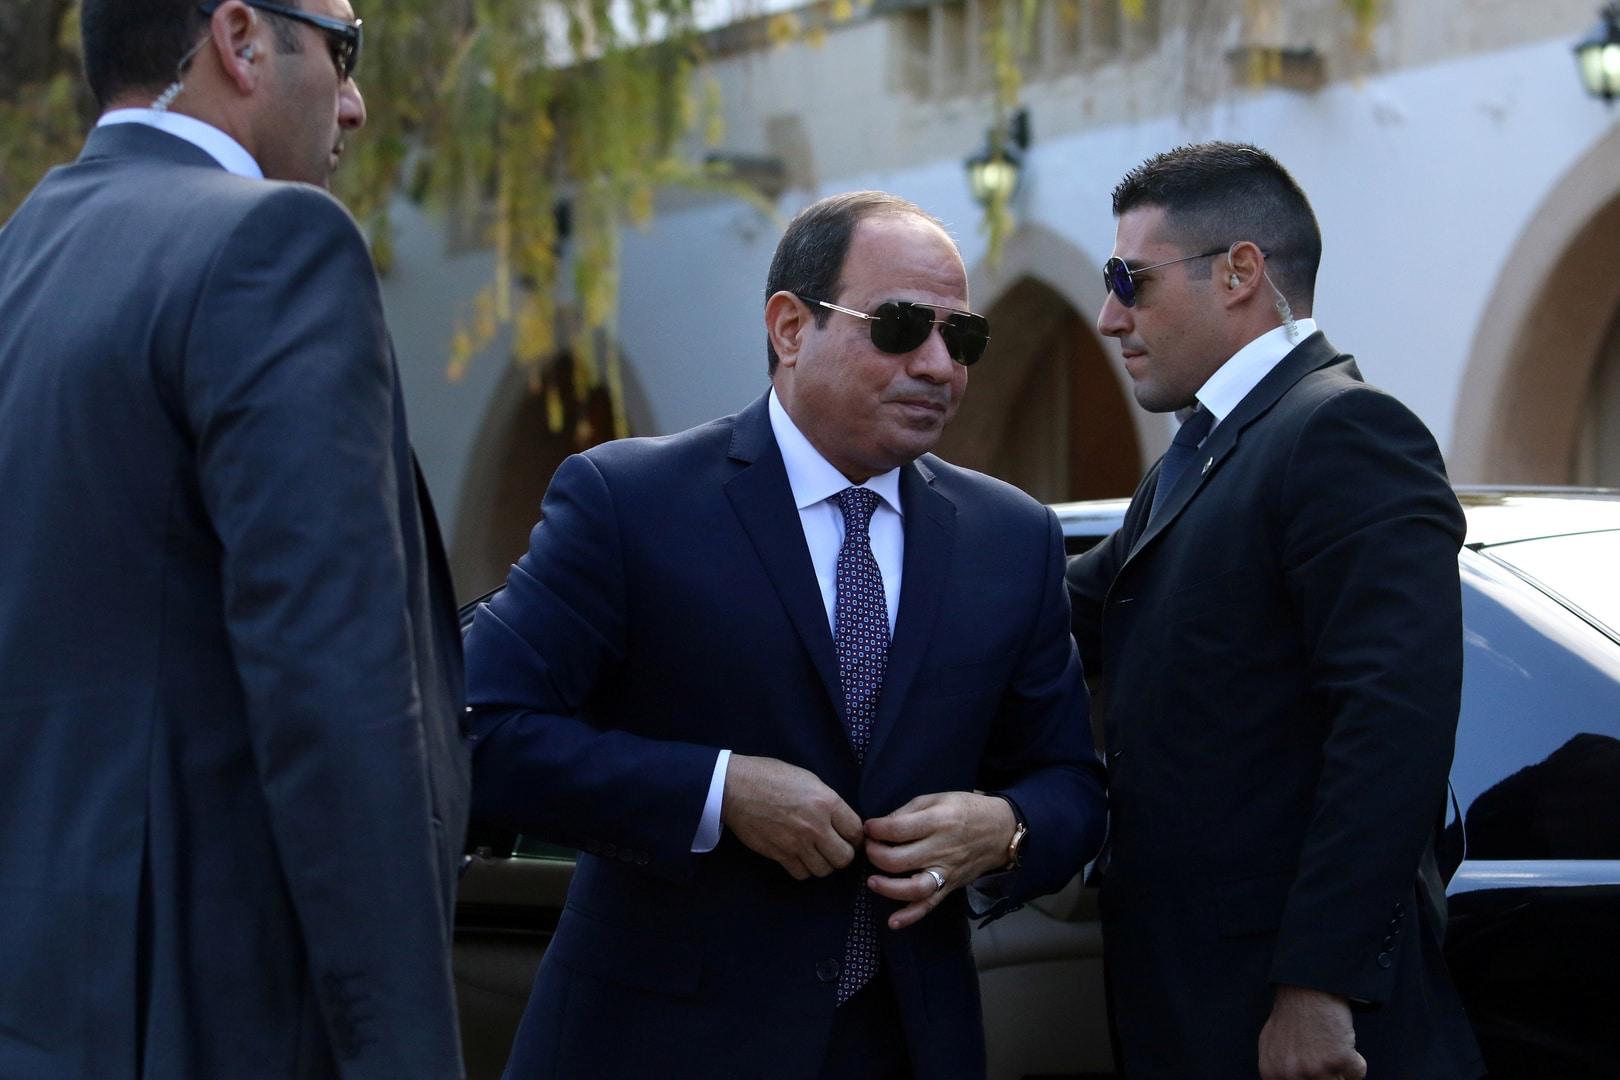 إيكونوميست: السيسي تنقصه لمسه عبدالناصر والحكم الاستبدادي في مصر لا أيديولوجية له